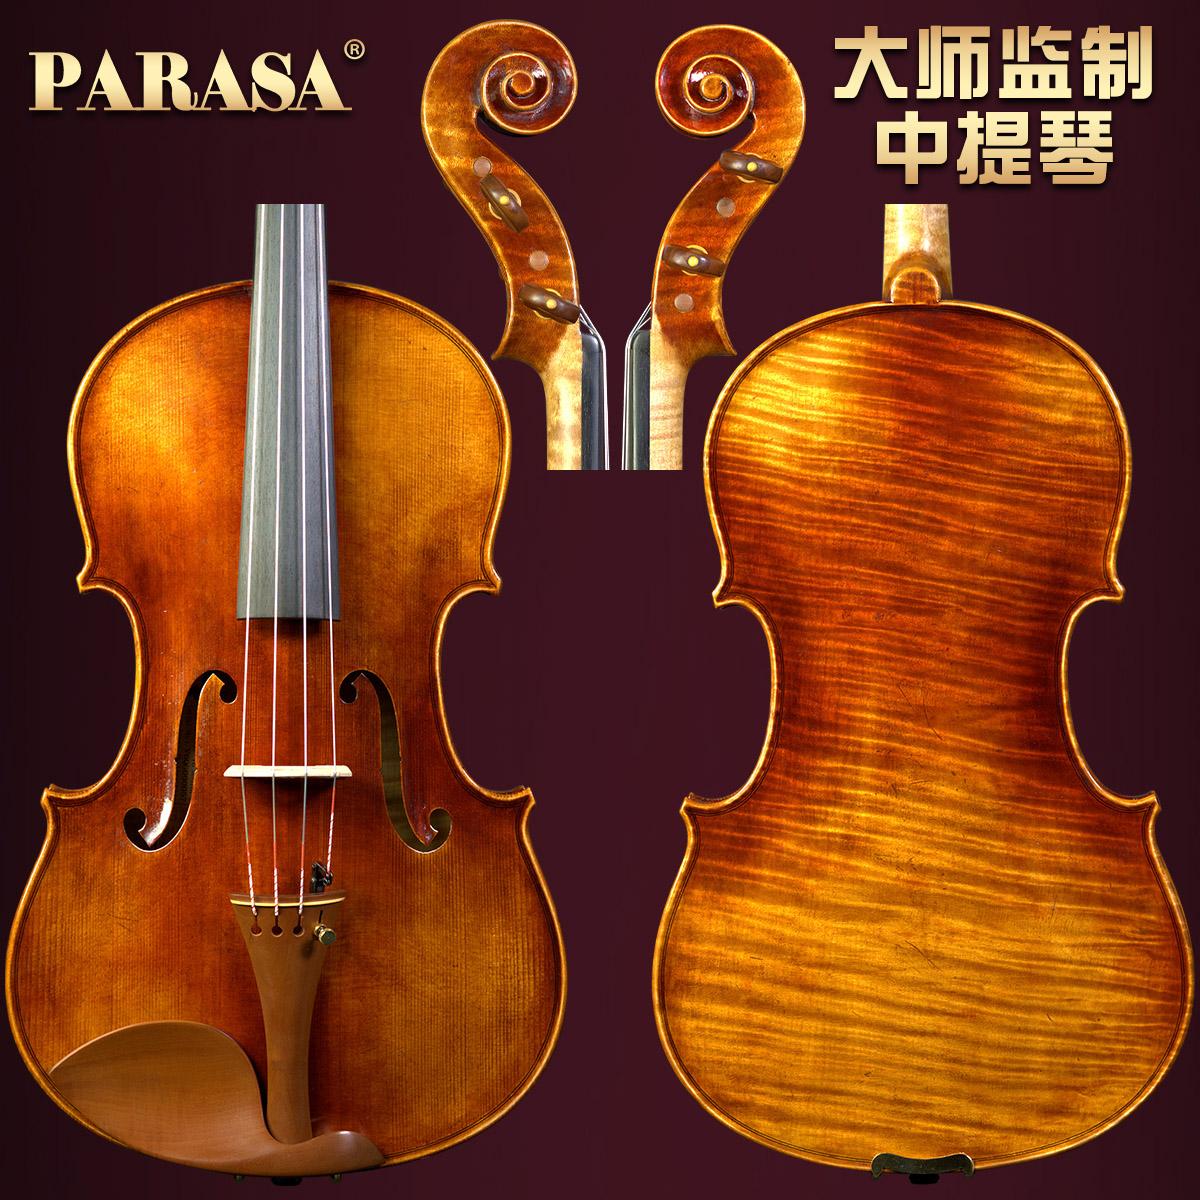 PARASA специальность гусли V6 полностью ручная работа античный в скрипка музыка группа один играть уровень звук цвет красивый балка летописи вереск руководитель система